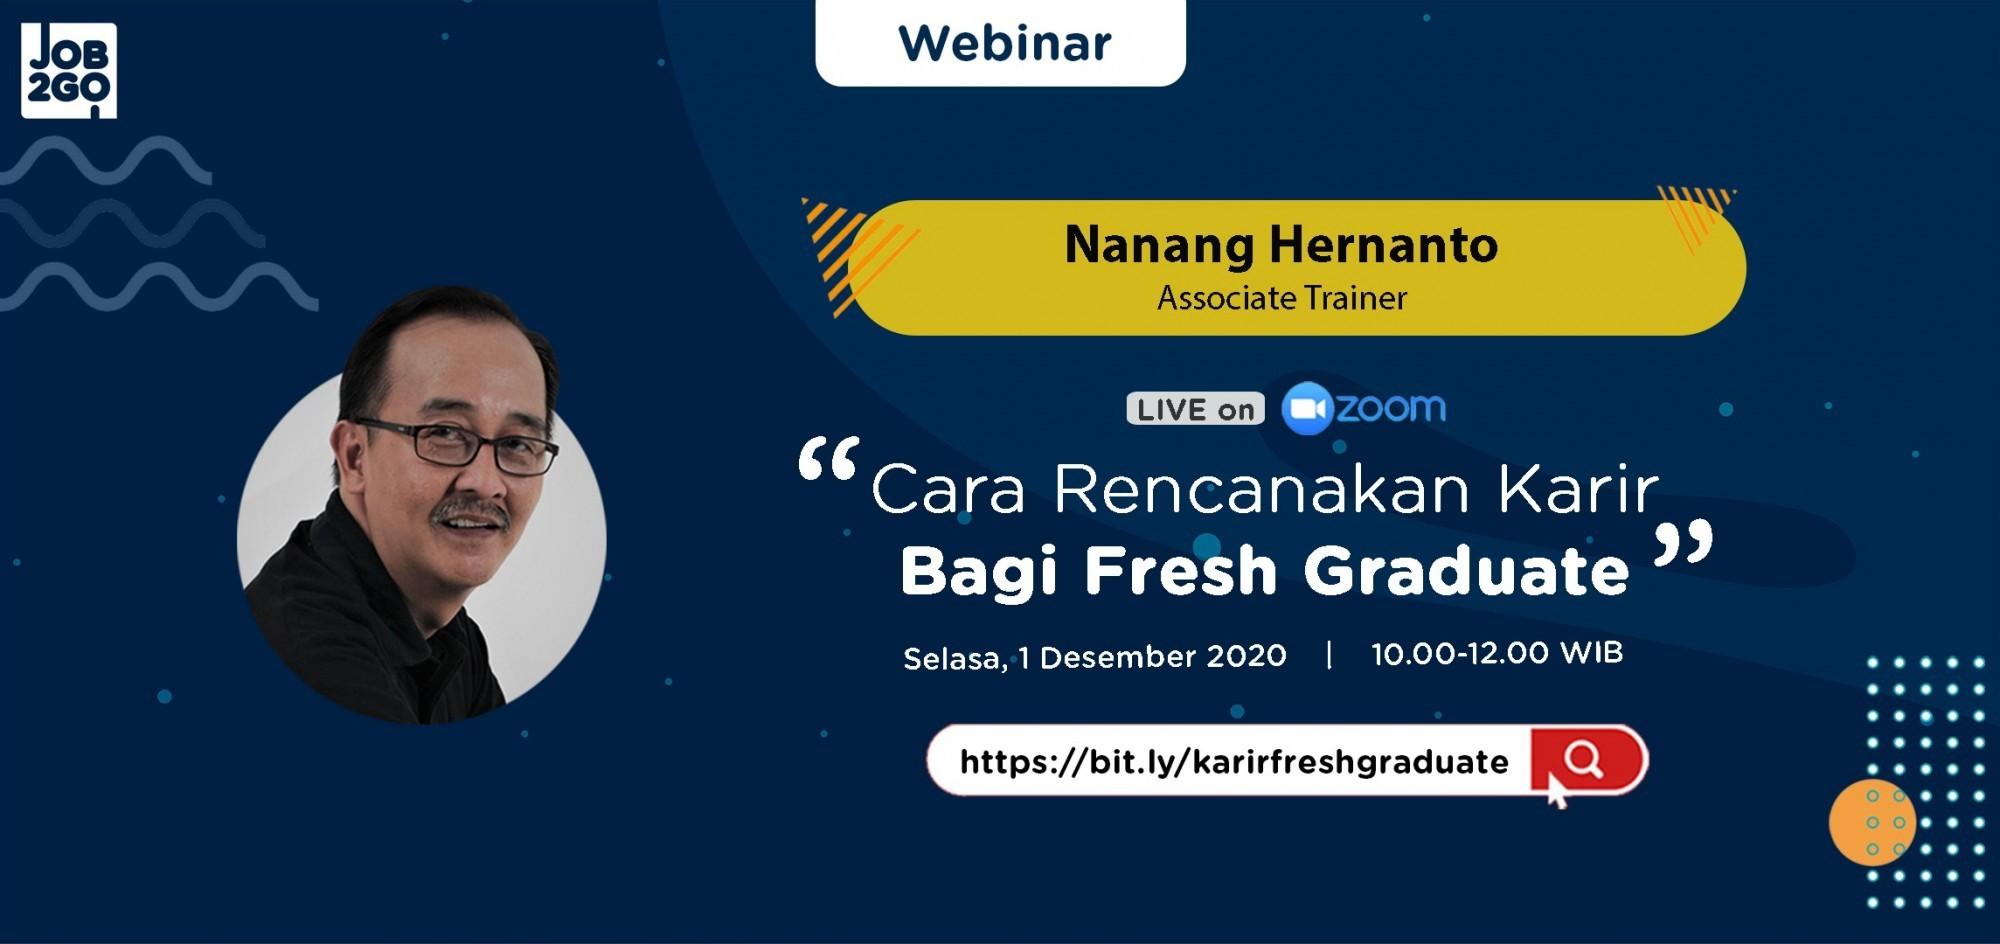 Job2Go Webinar - Cara Rencanakan Karir Bagi Fresh Graduate